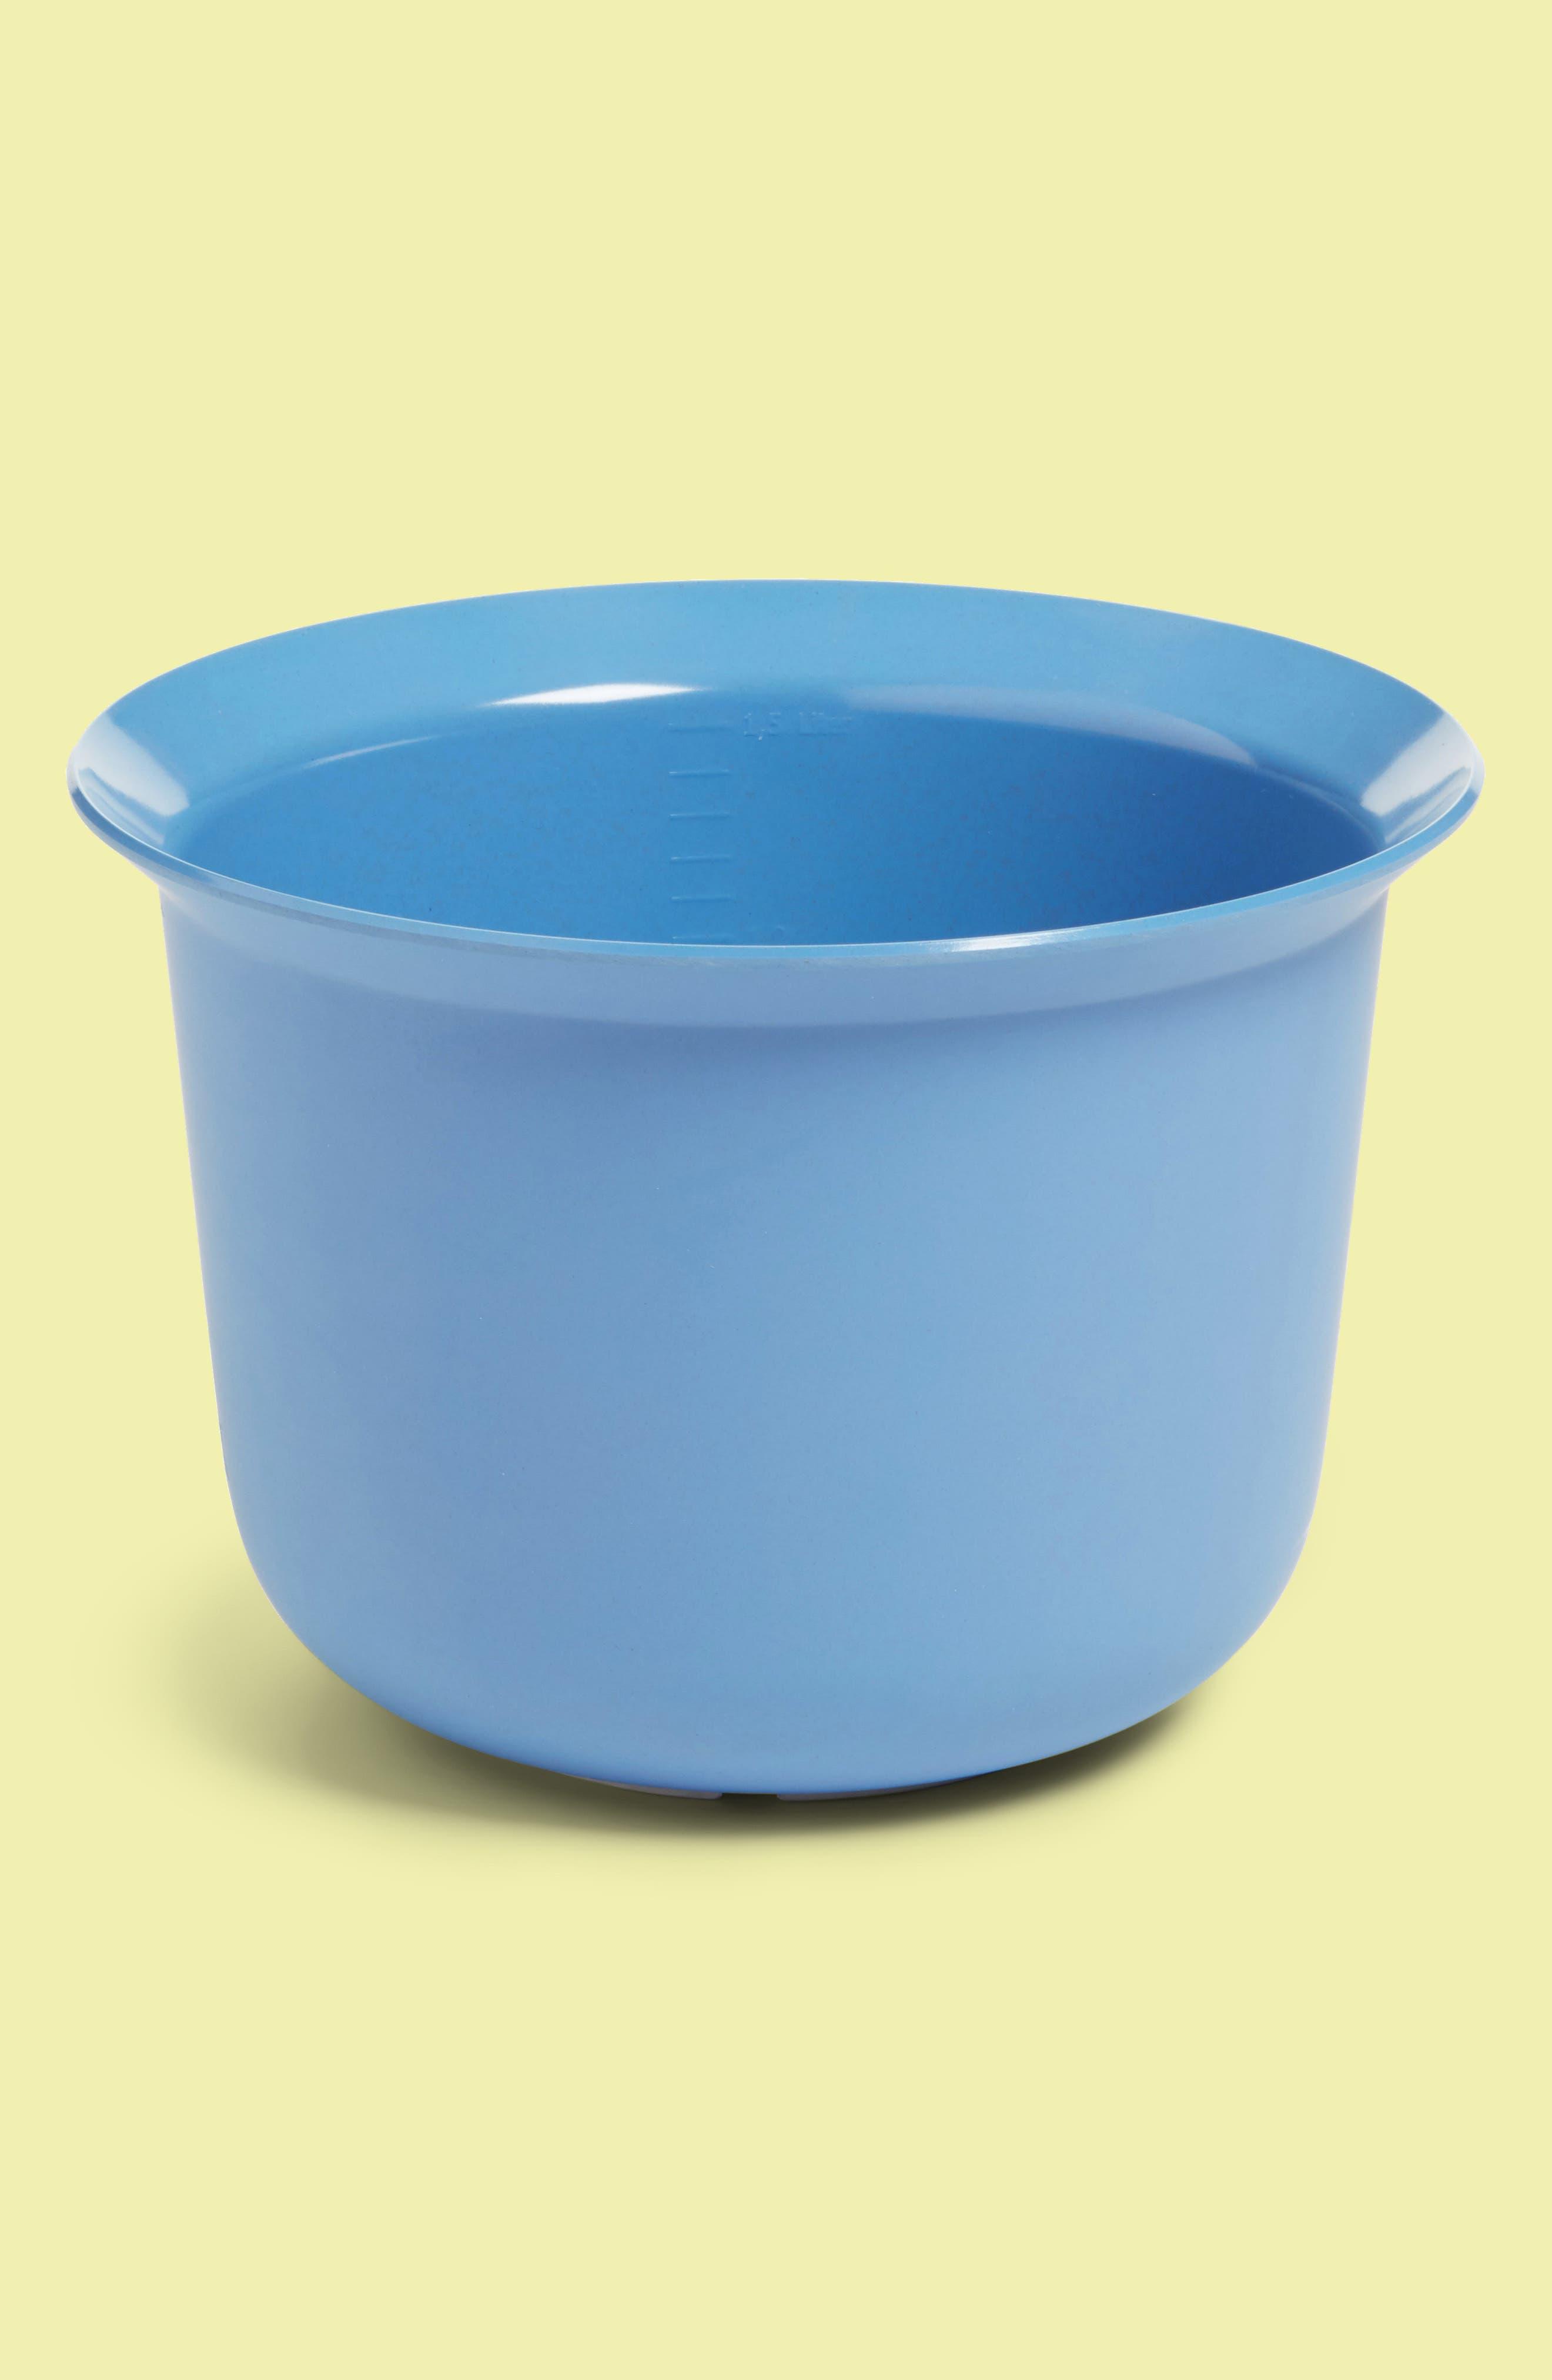 Rig-Tig Mix-It 1.5L Mixing Bowl,                         Main,                         color, Blue